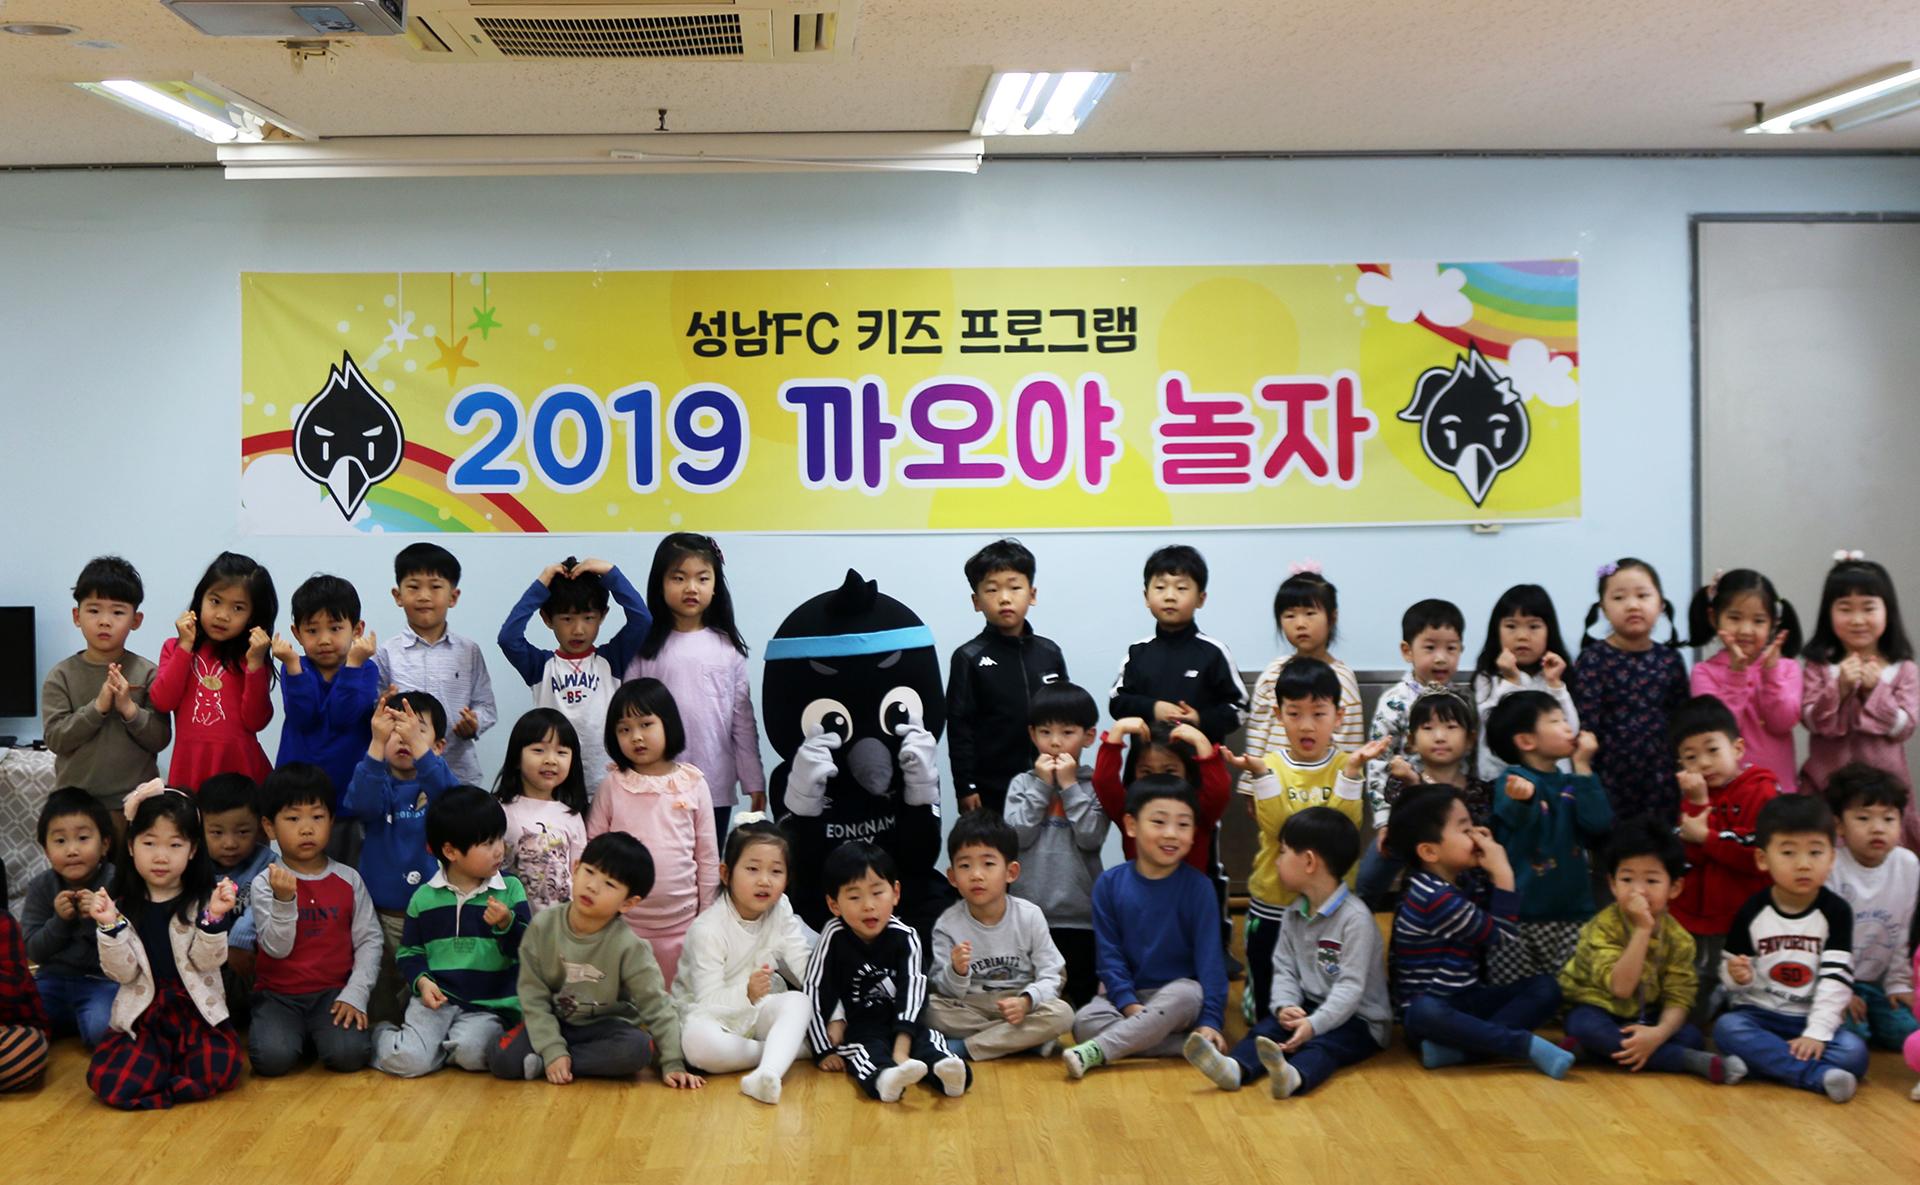 성남, 지역 어린이집 대상 '2019 1차 까오야 놀자!' 시작